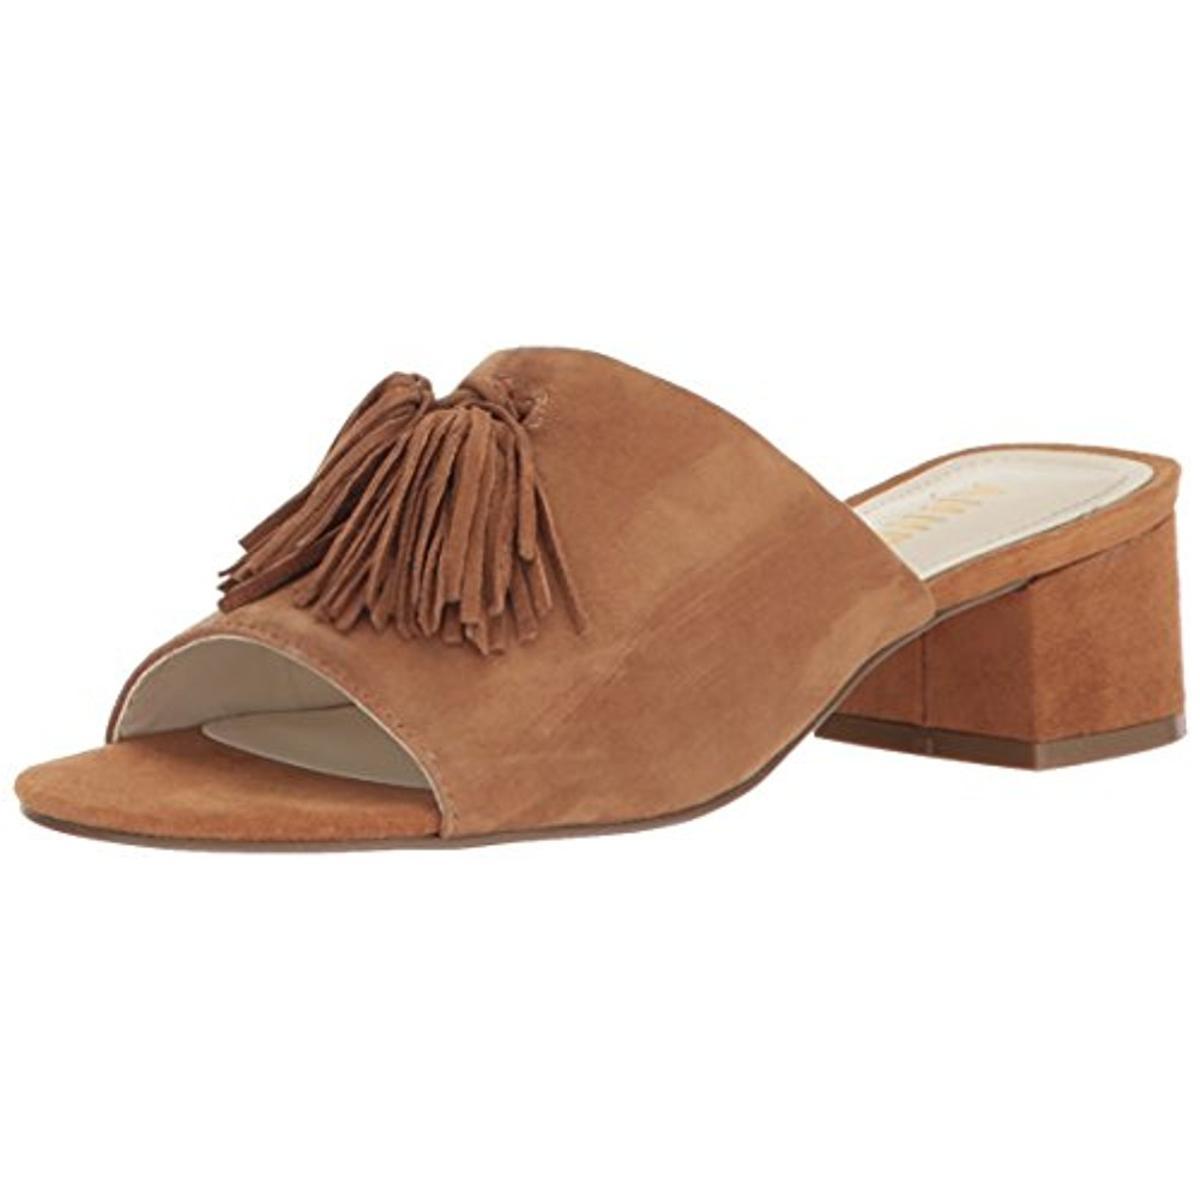 Anne Klein Sport Womens Kandis Pink Slide Sandals Shoes 9 Medium (BM) BHFO 2979